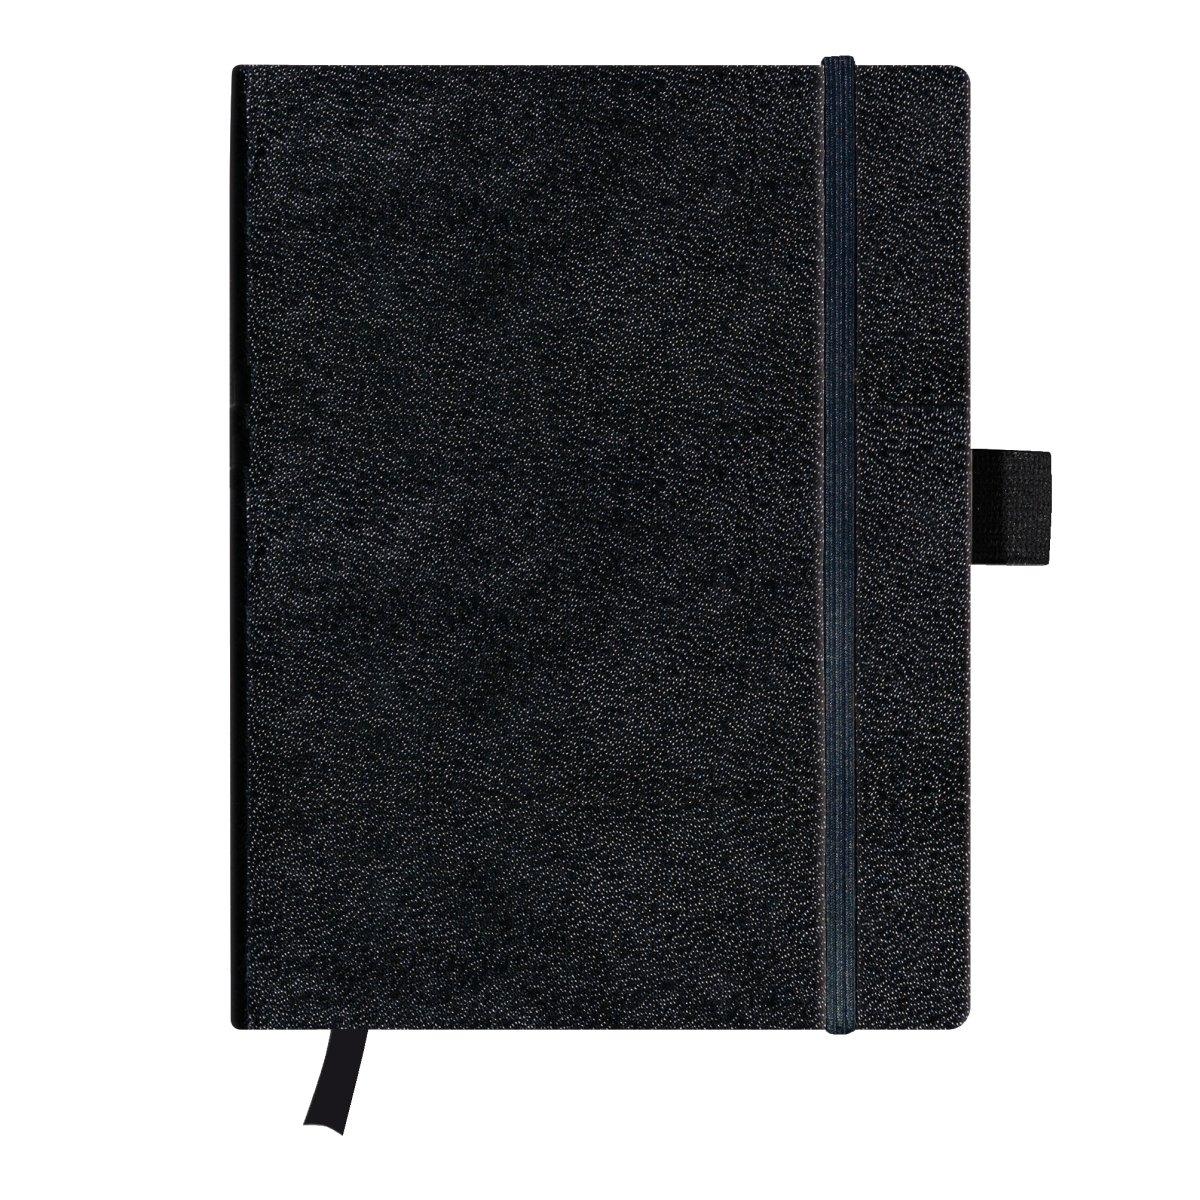 Notebook 96 kartkowy w kratkę my.book classic black (11155843)